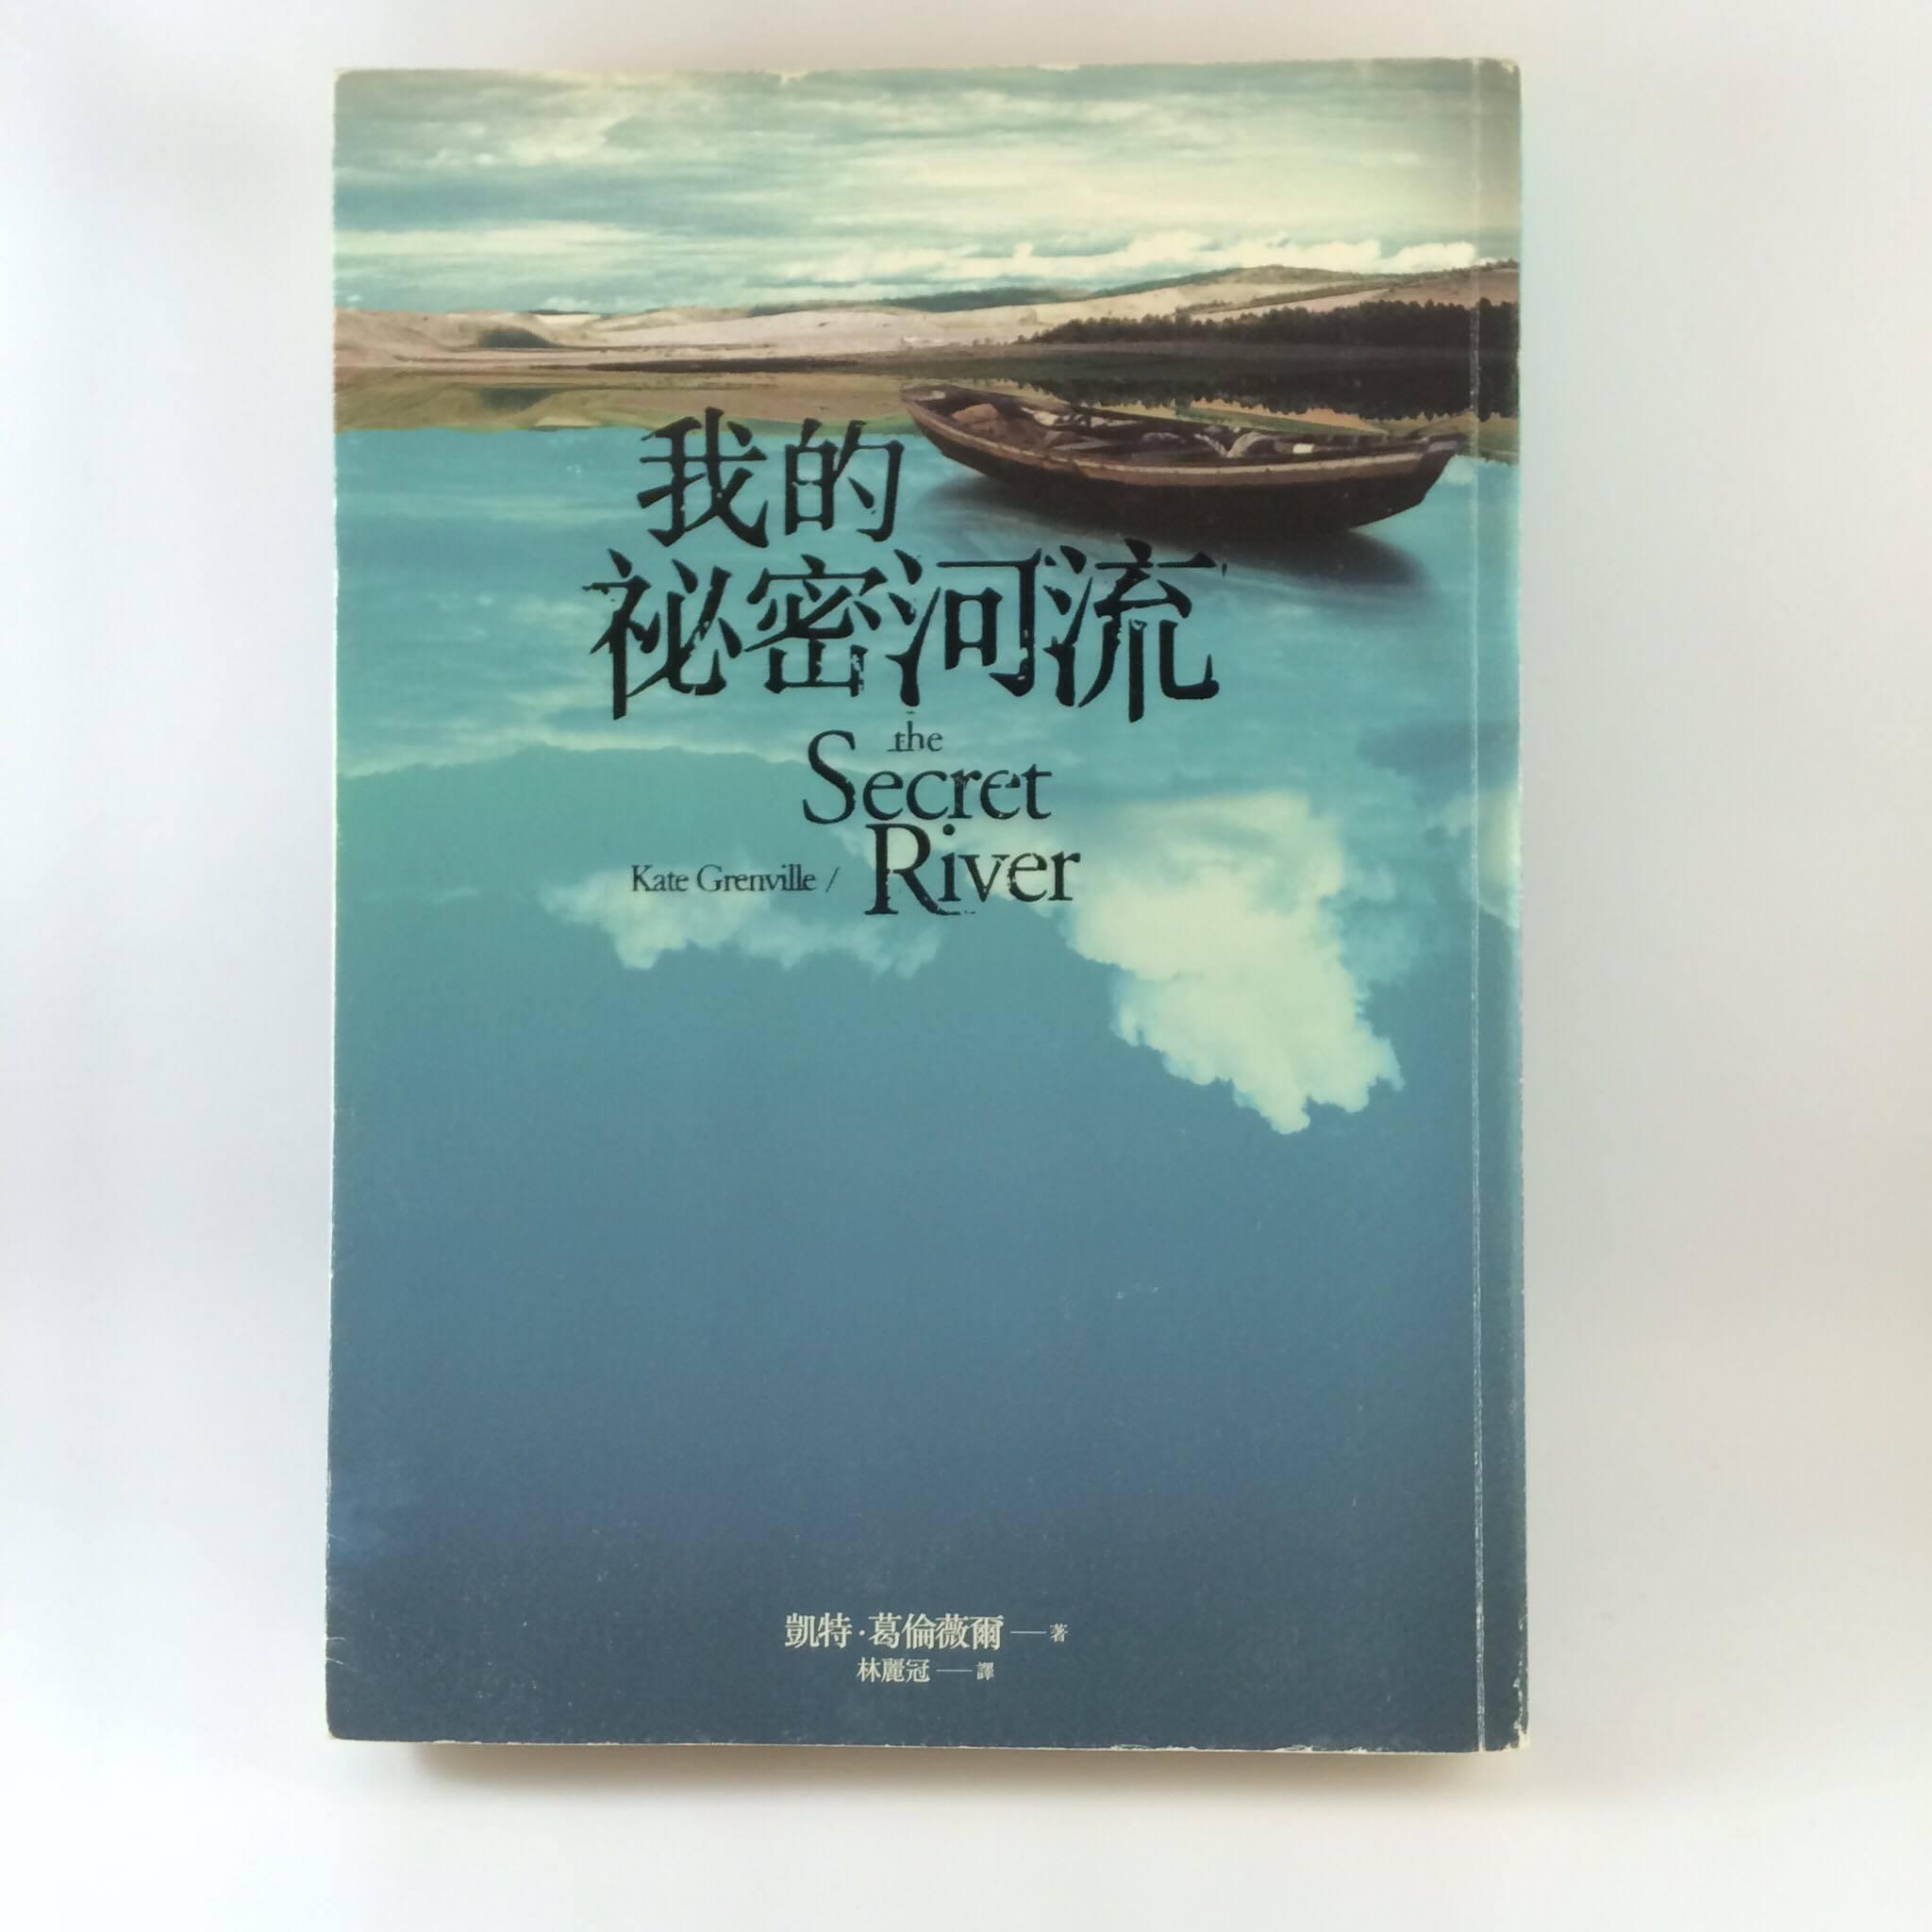 翻譯小說 我的秘密河流 THE SECRET RIVER